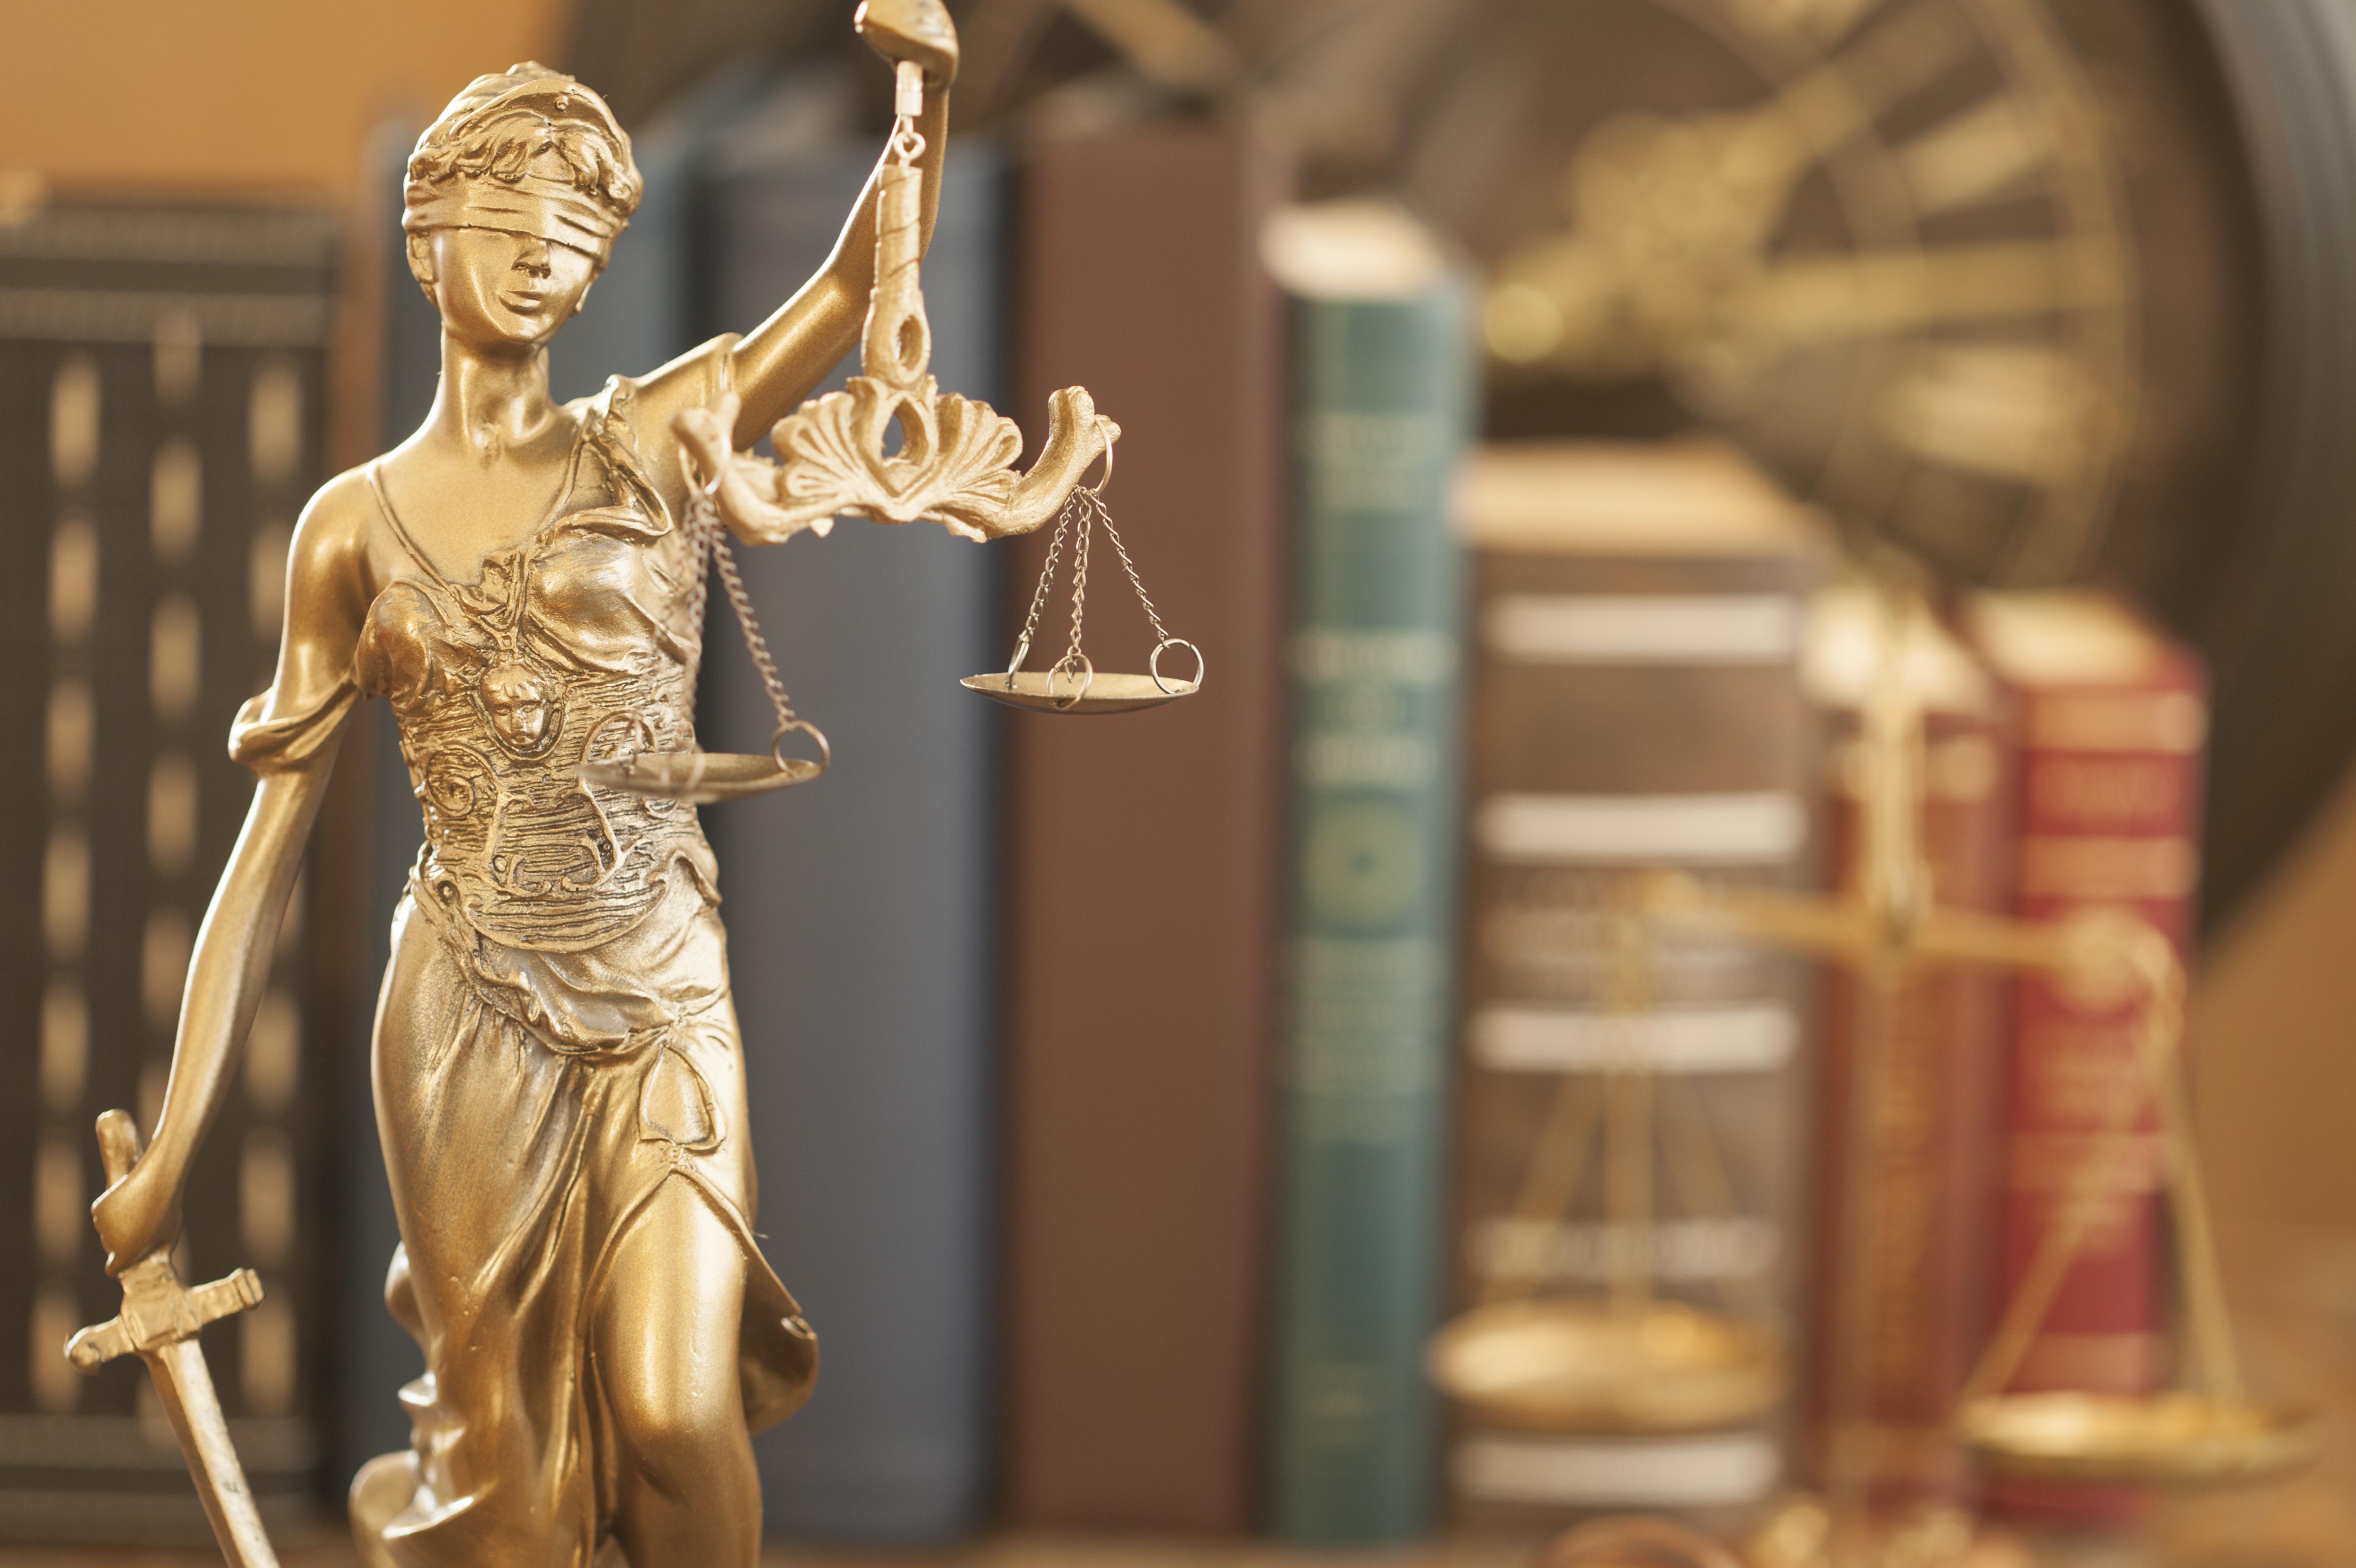 Nashville Criminal Justice